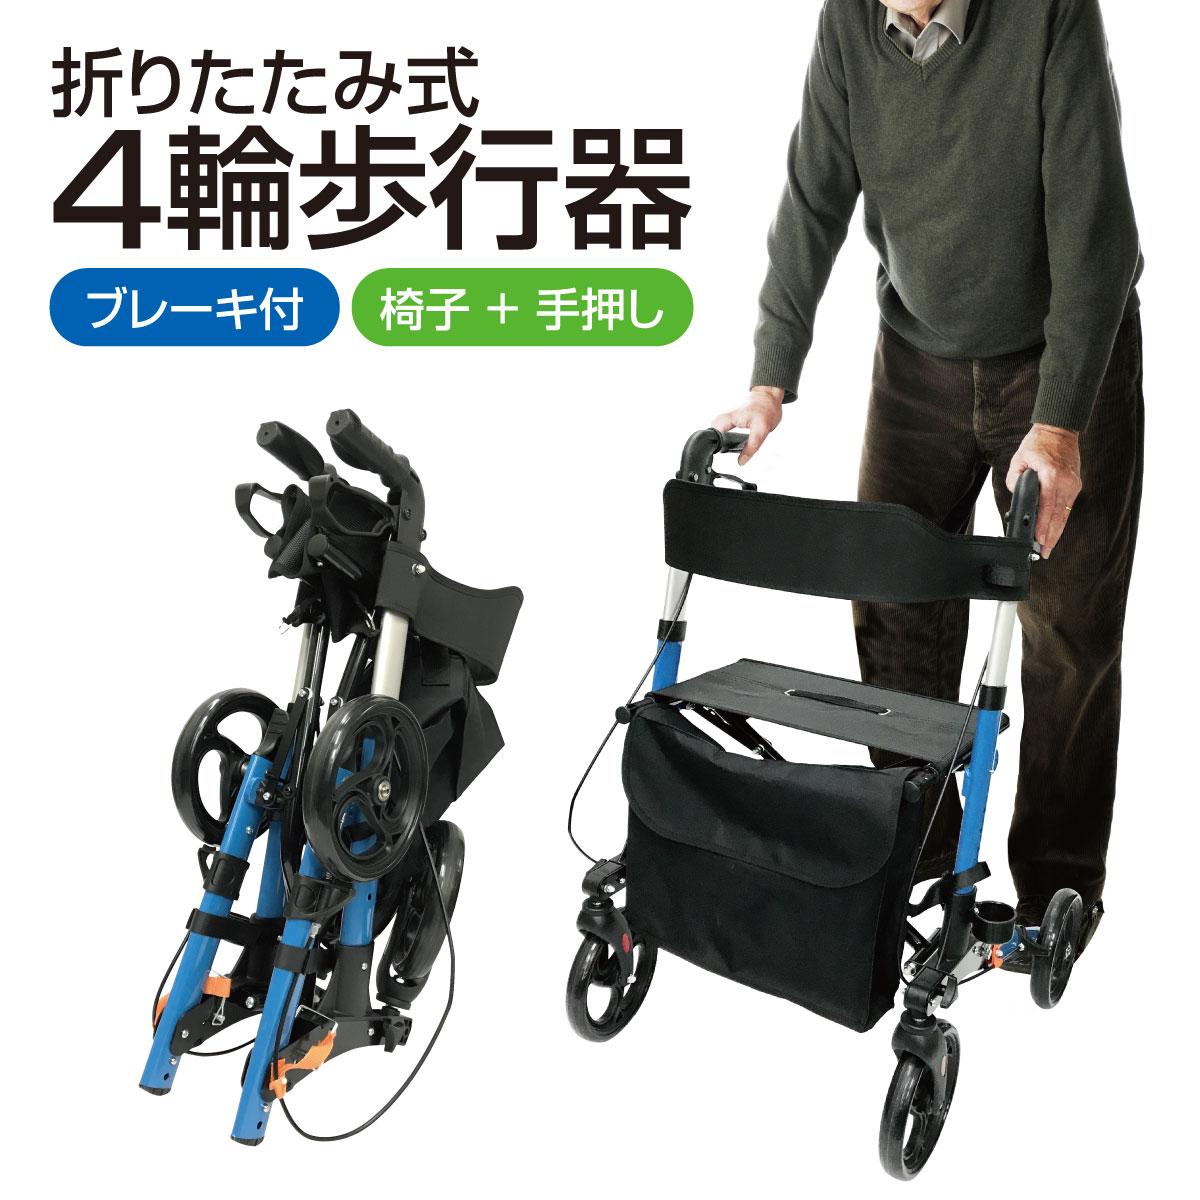 歩行器 介護用 介護 高齢者 シルバーカー 軽量 4輪歩行器 手押し車 室内室外兼用 折りたたみ式 ブレーキ付 椅子 散歩 敬老の日 hokouki